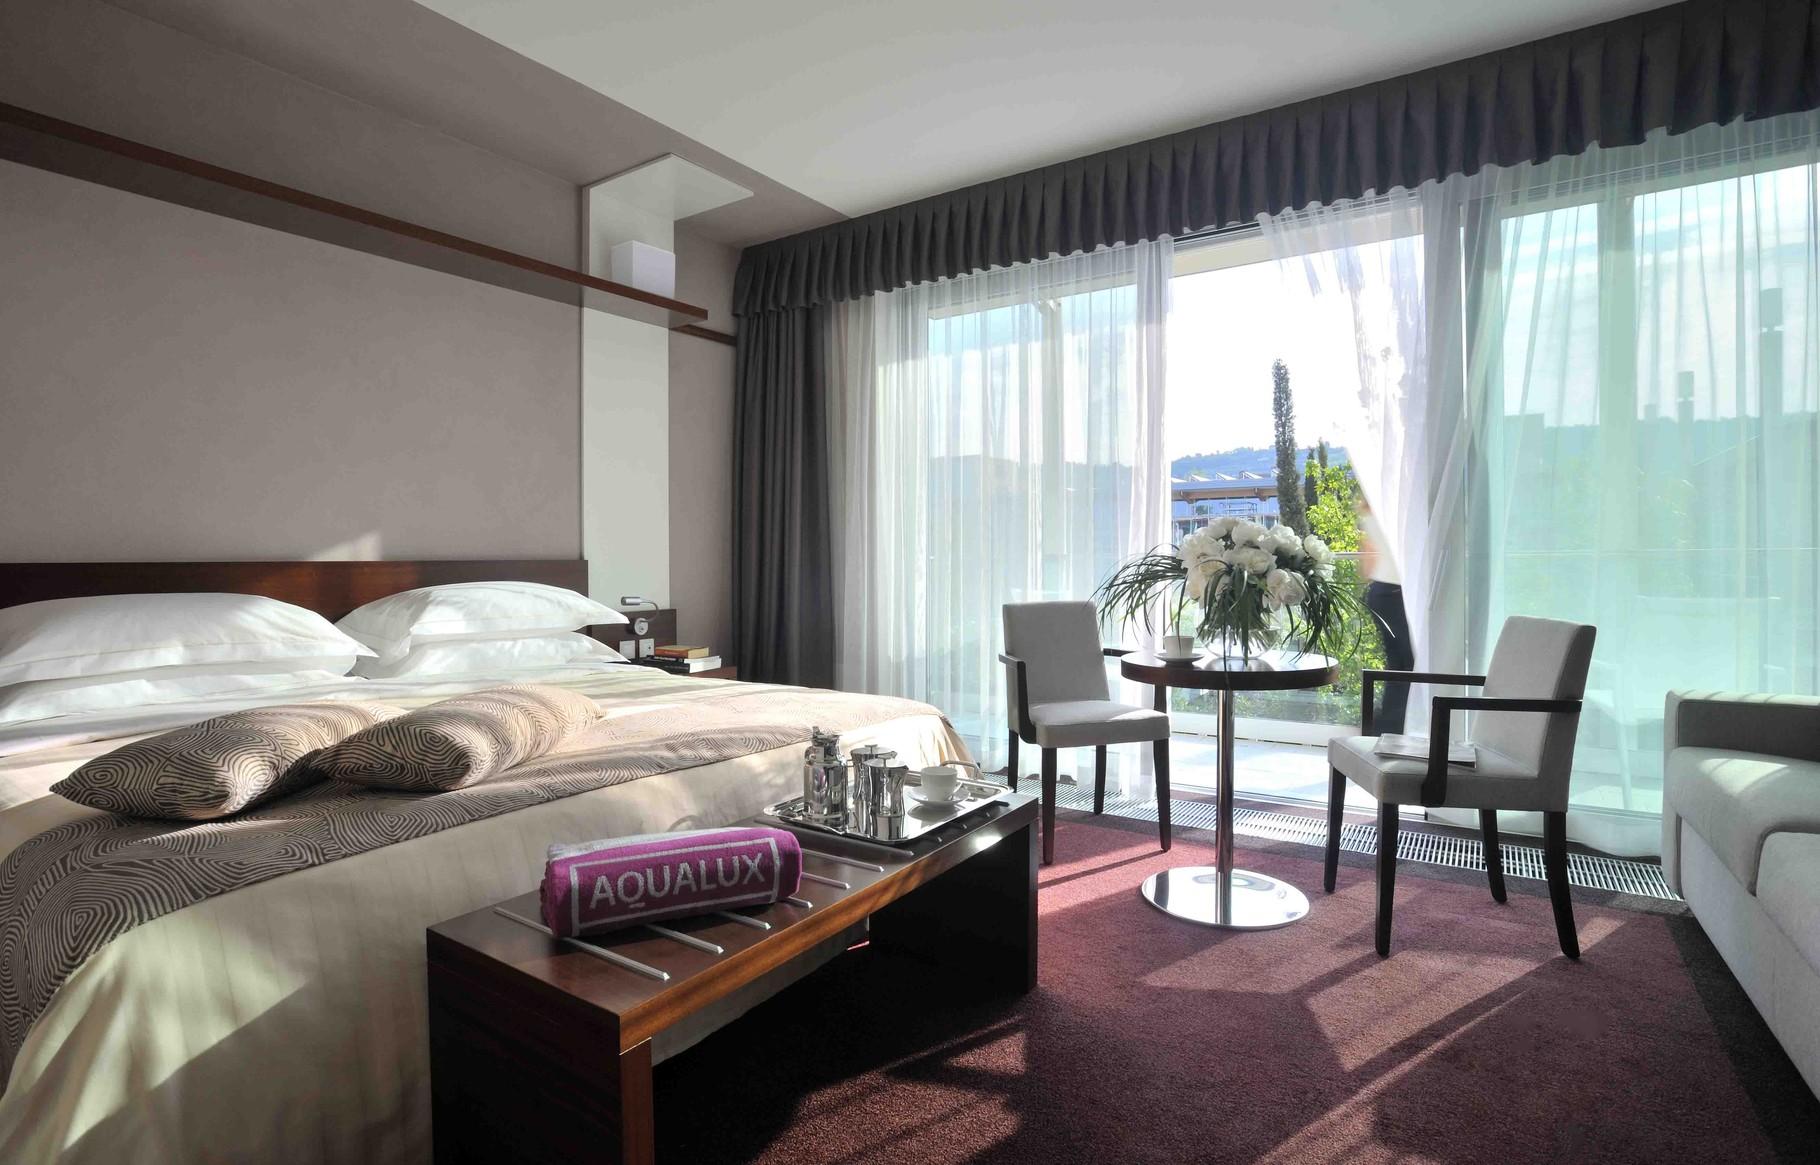 Große Zimmer mit Sofa, Tisch und moderner Ausstattung. Perfekter Rückzugsort.